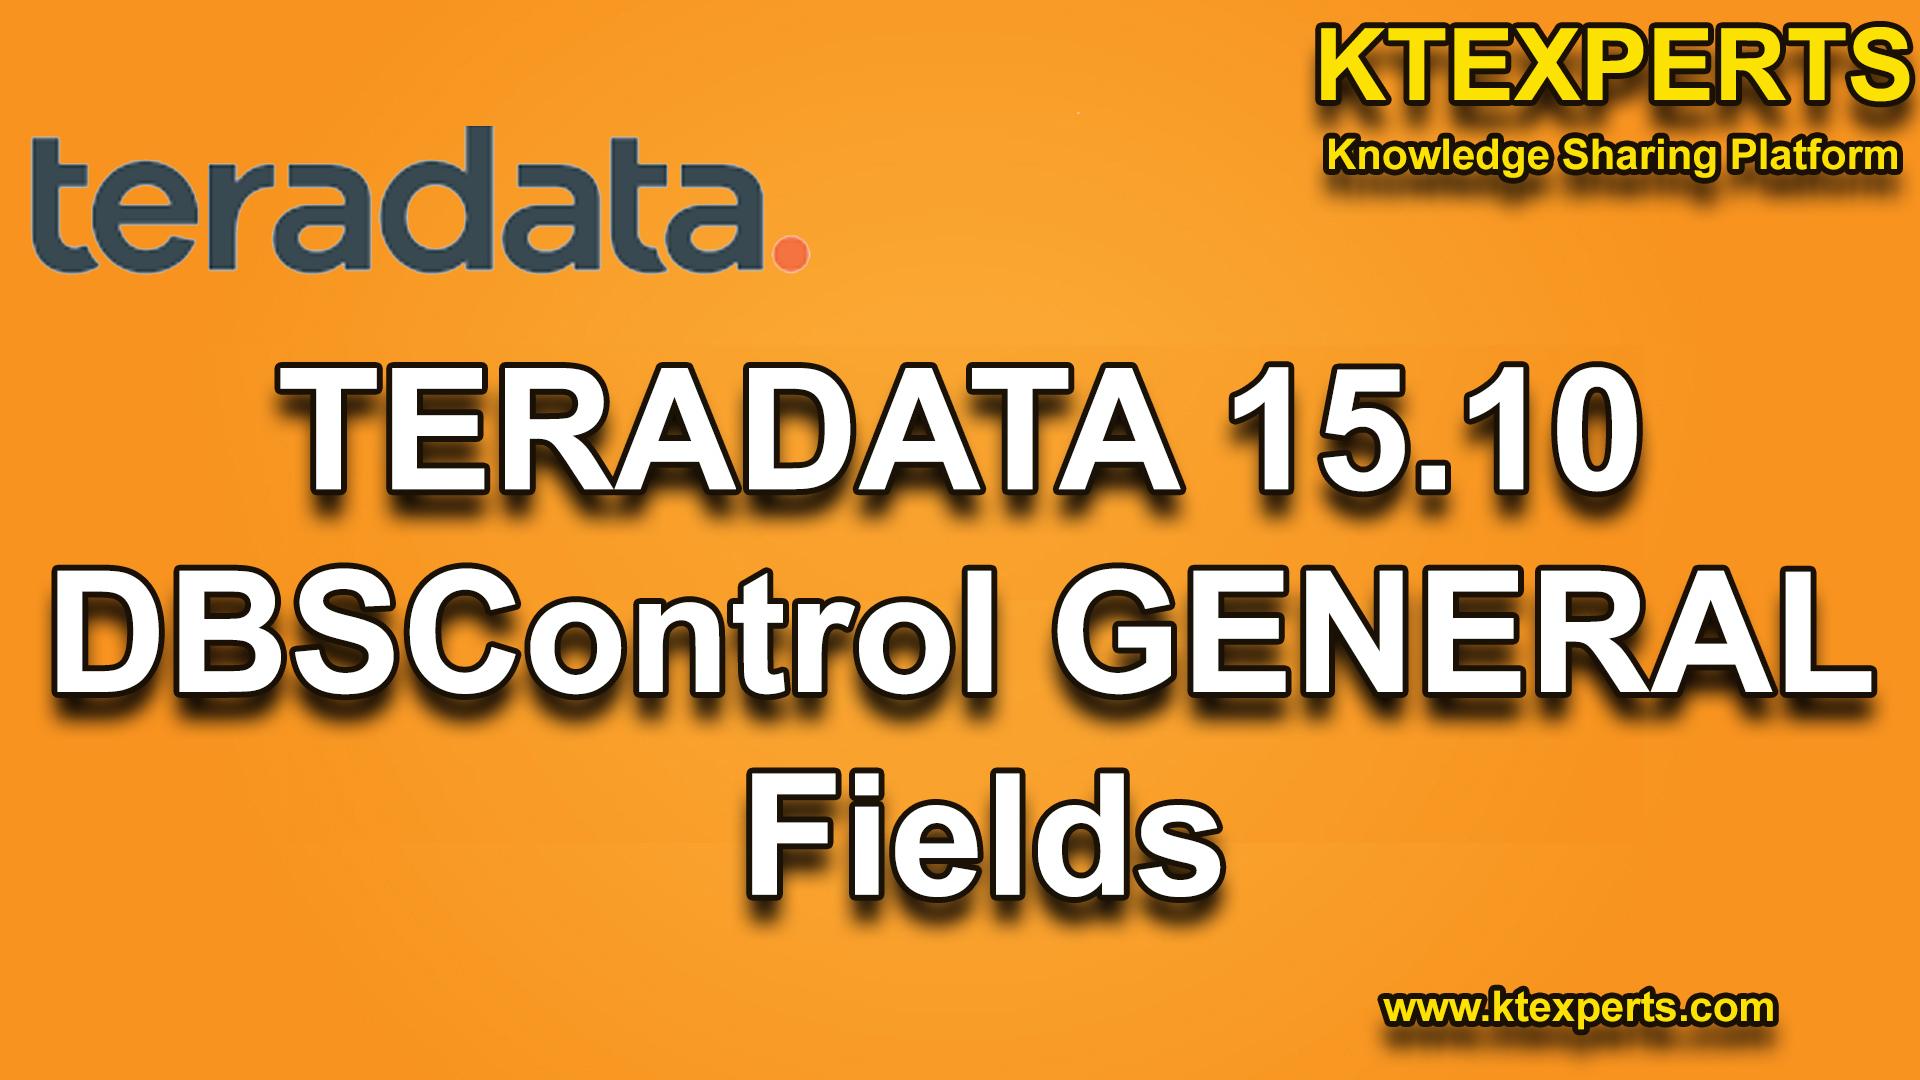 TERADATA 15.10 DBSControl GENERAL Fields